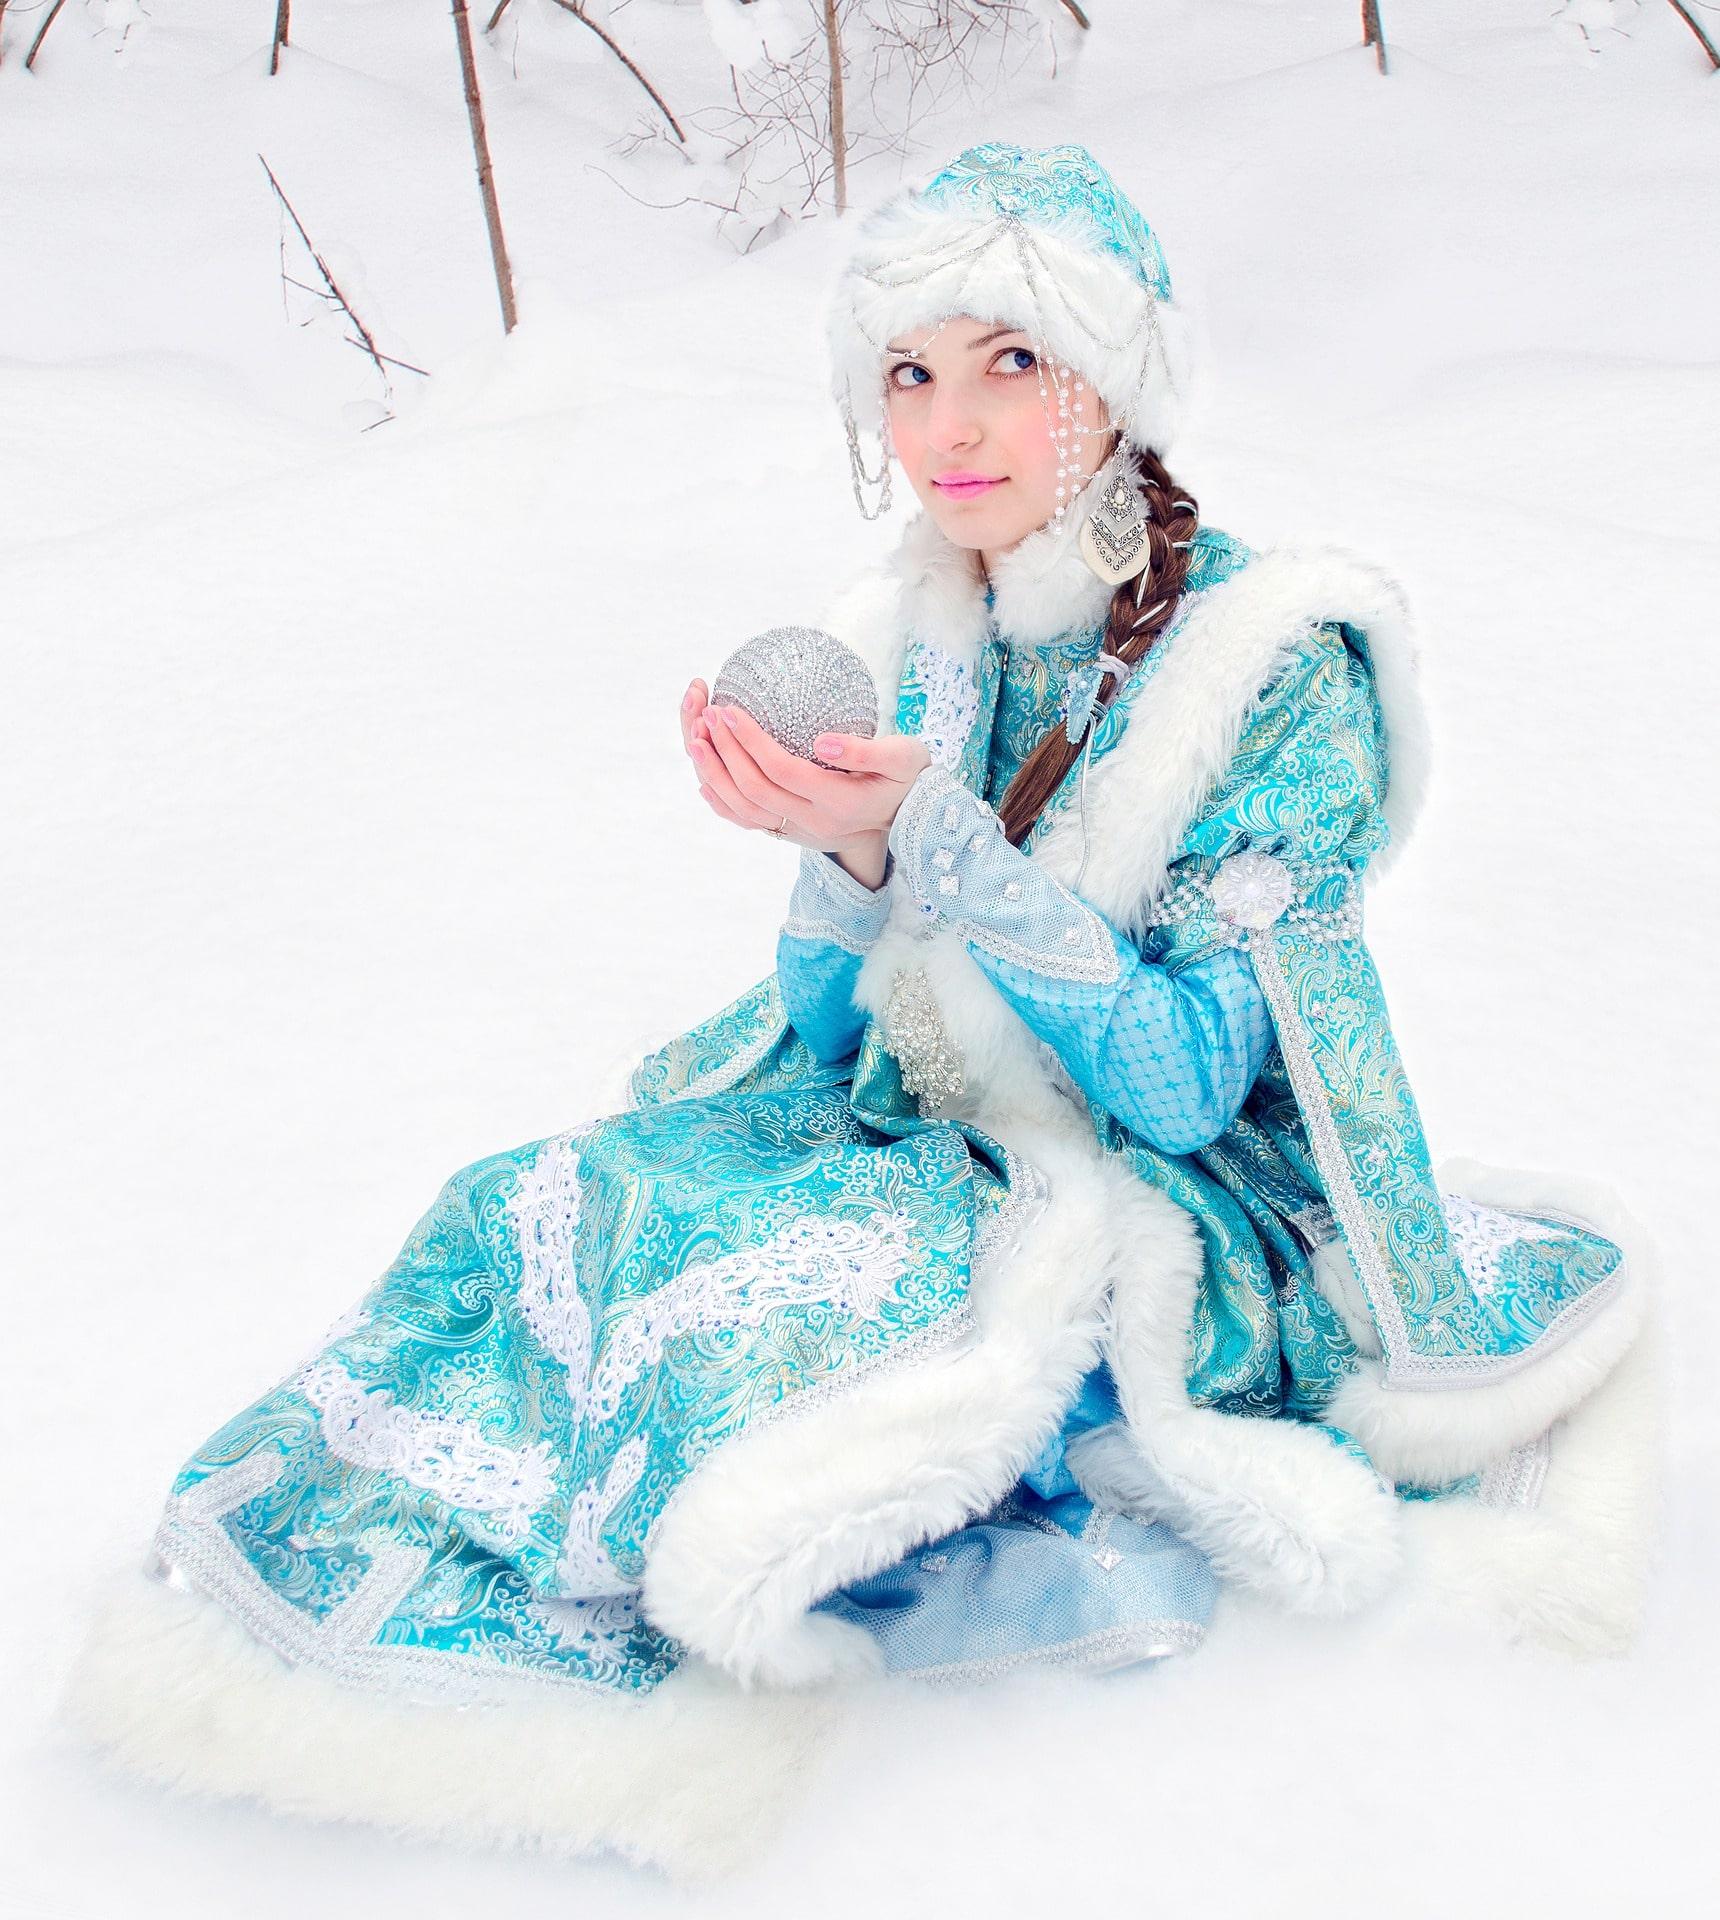 Новогоднее настроение музыка подарки елка снегурочка детские мультфильмы сказки снегурочка и Дед Мороз